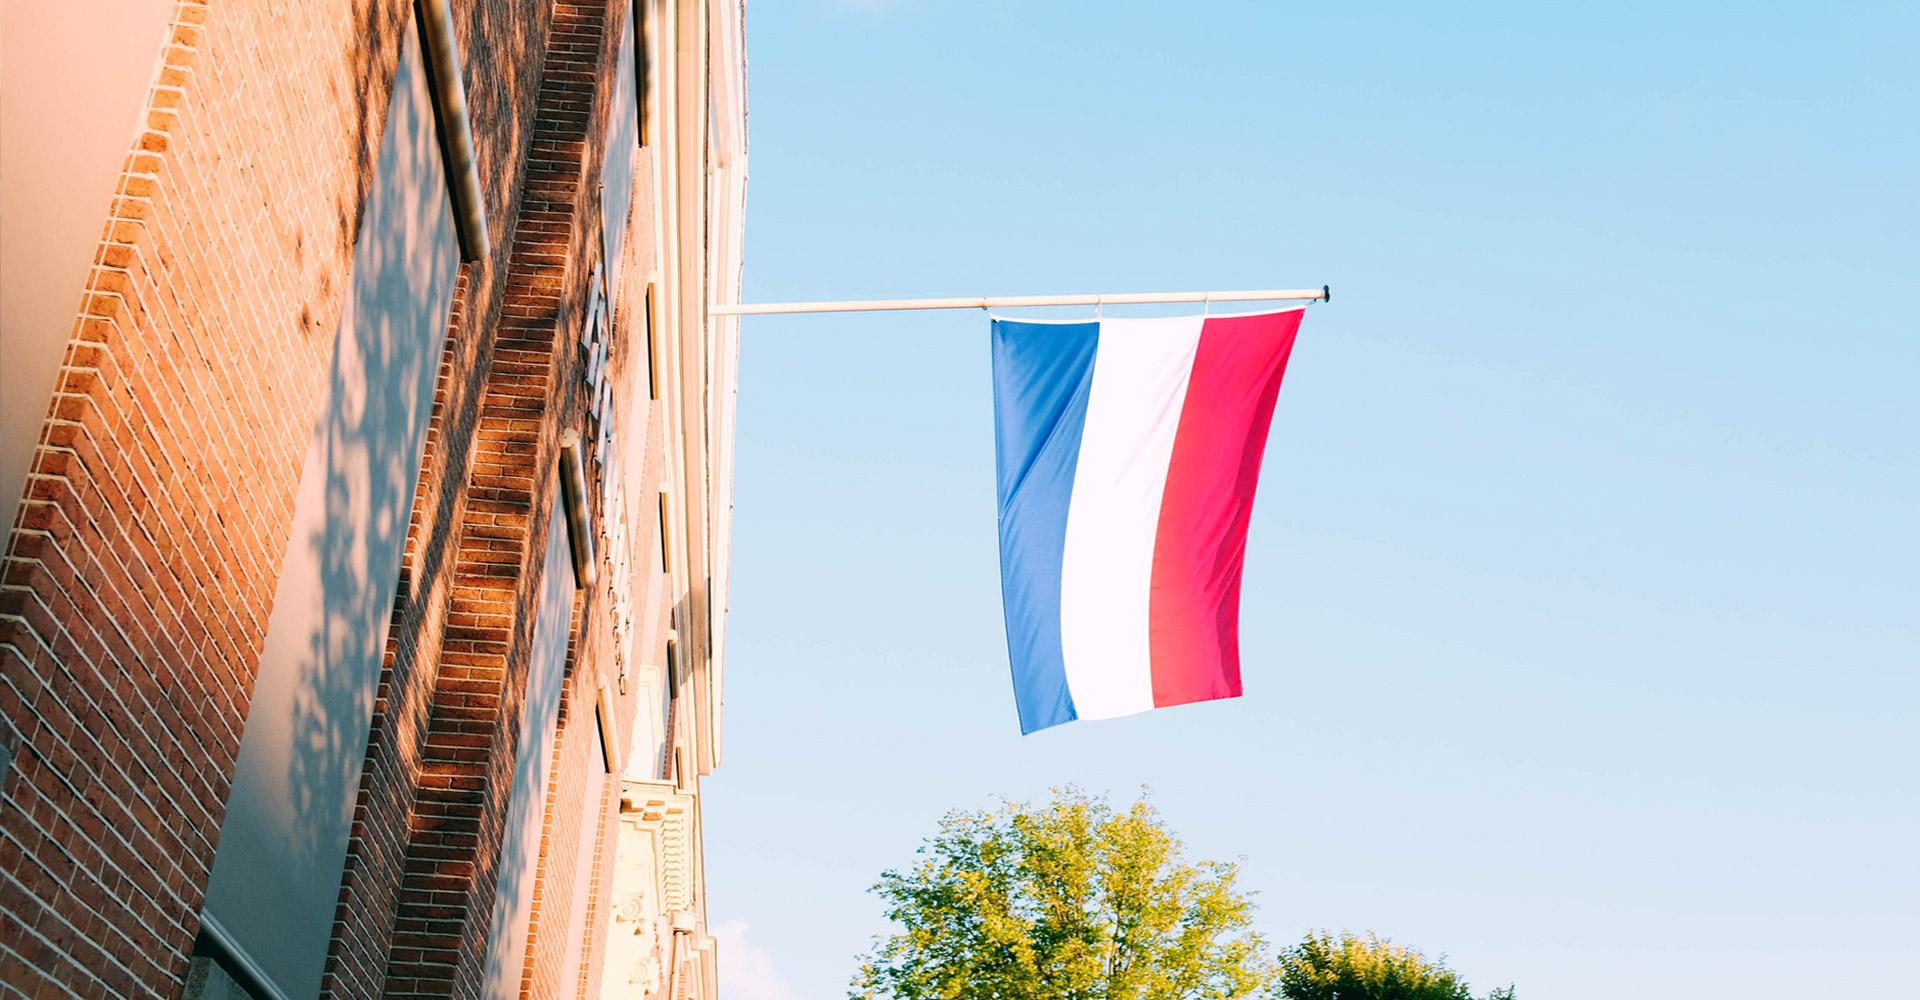 Hang jij de vlag ook uit?